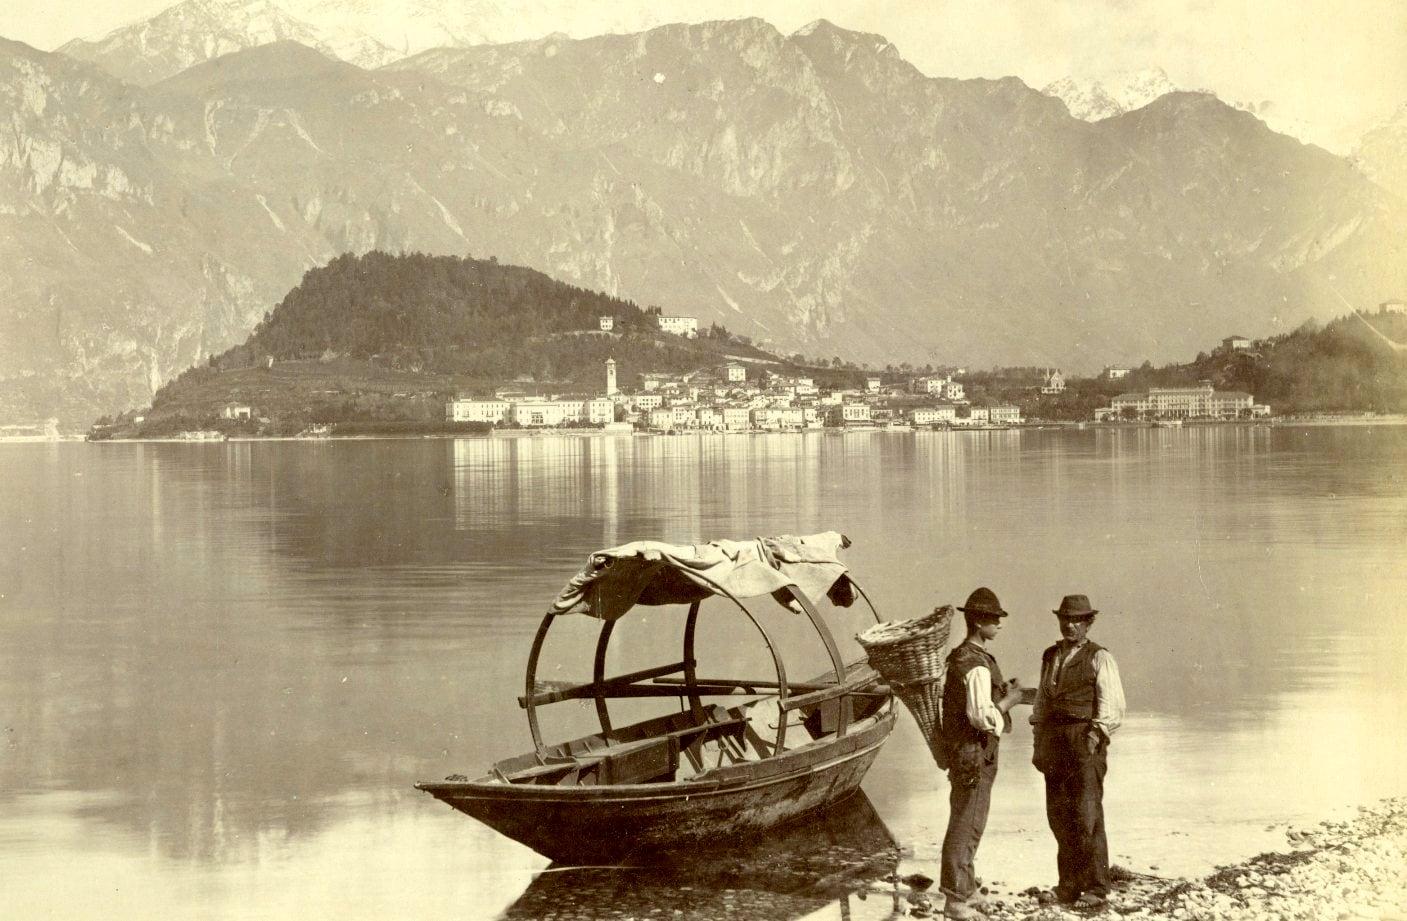 Carlo Bosetti, Bellagio, albumina, 1880 ca.-2